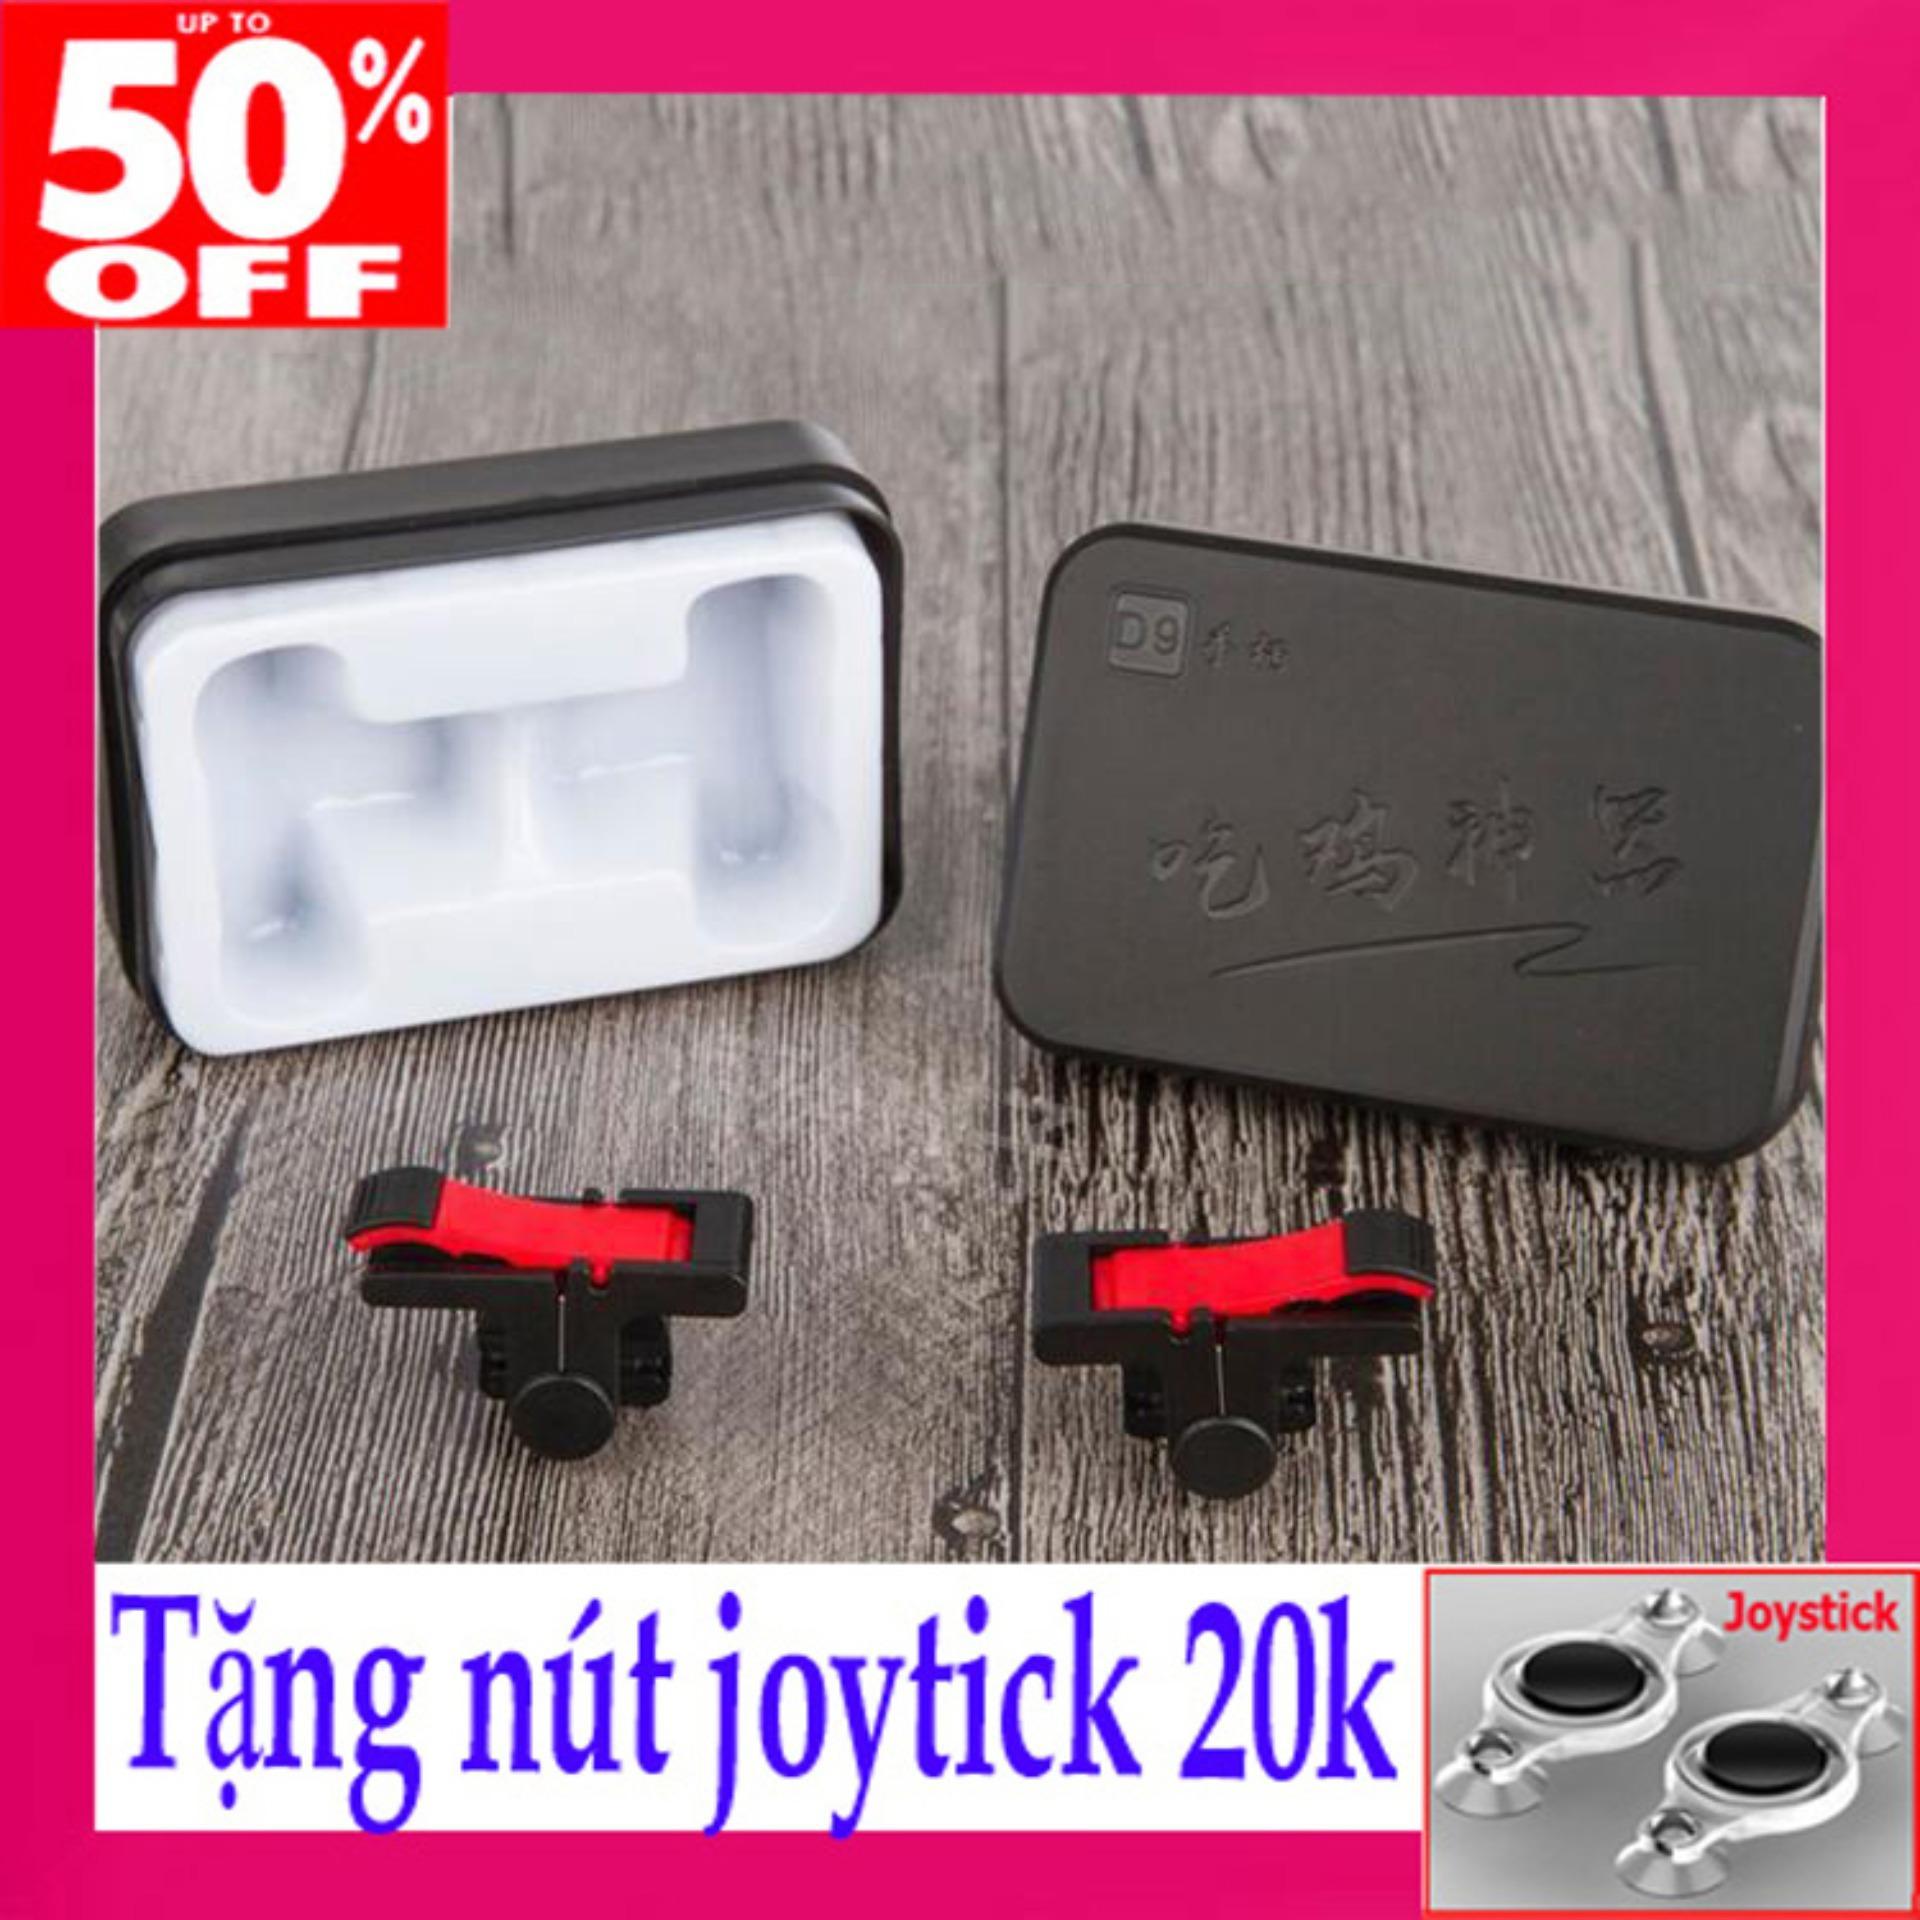 [COM BO] Bộ 2 nút bấm PUBG D9 chơi game mobile-Tặng Nút Joystick Thế Hệ 5 20k-tay cầm choi game.